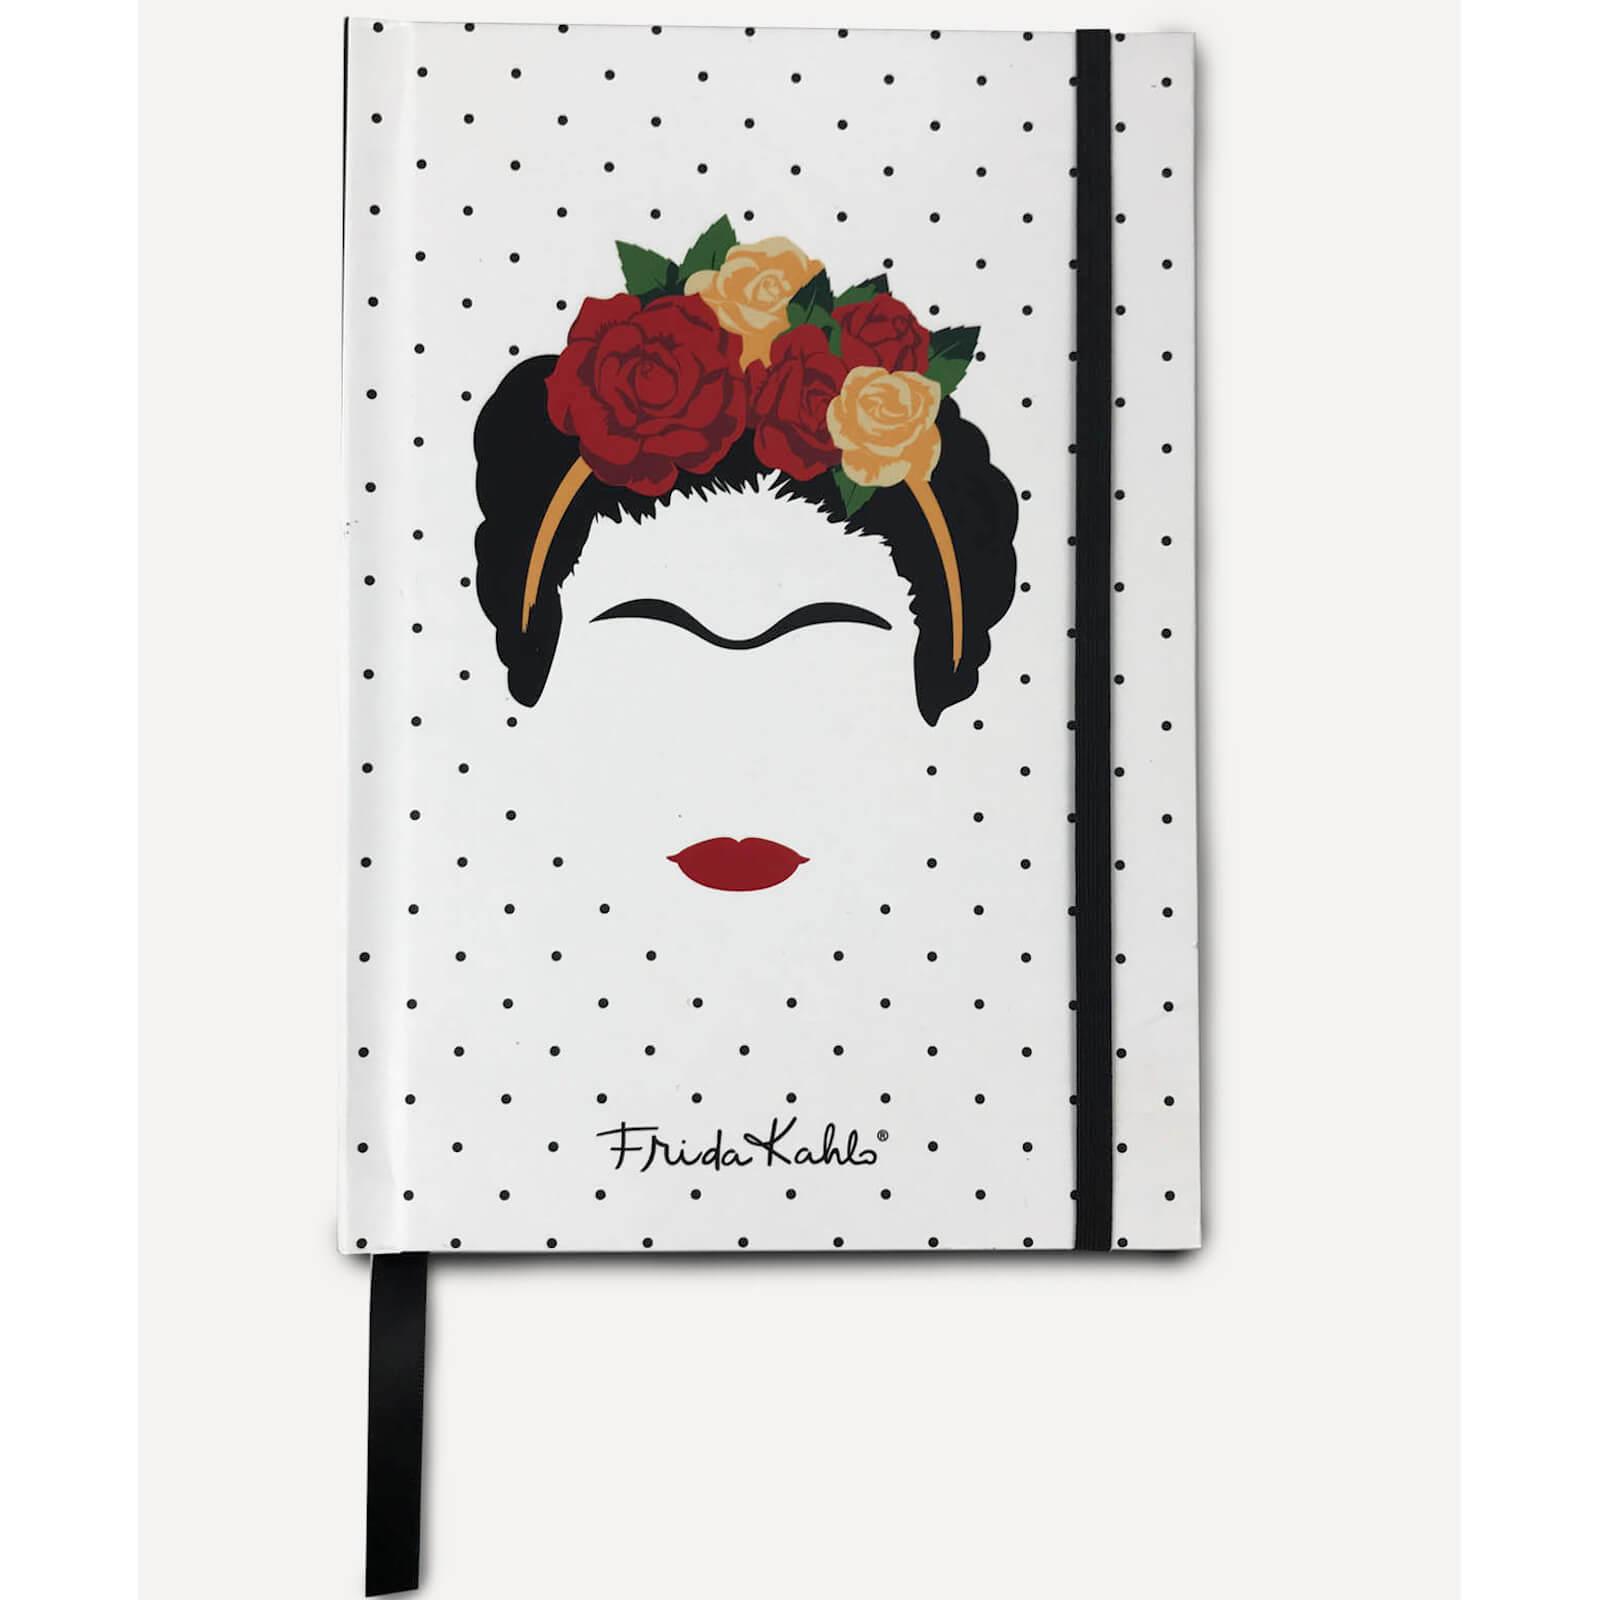 Image of Frida Kahlo Minimalist Notebook